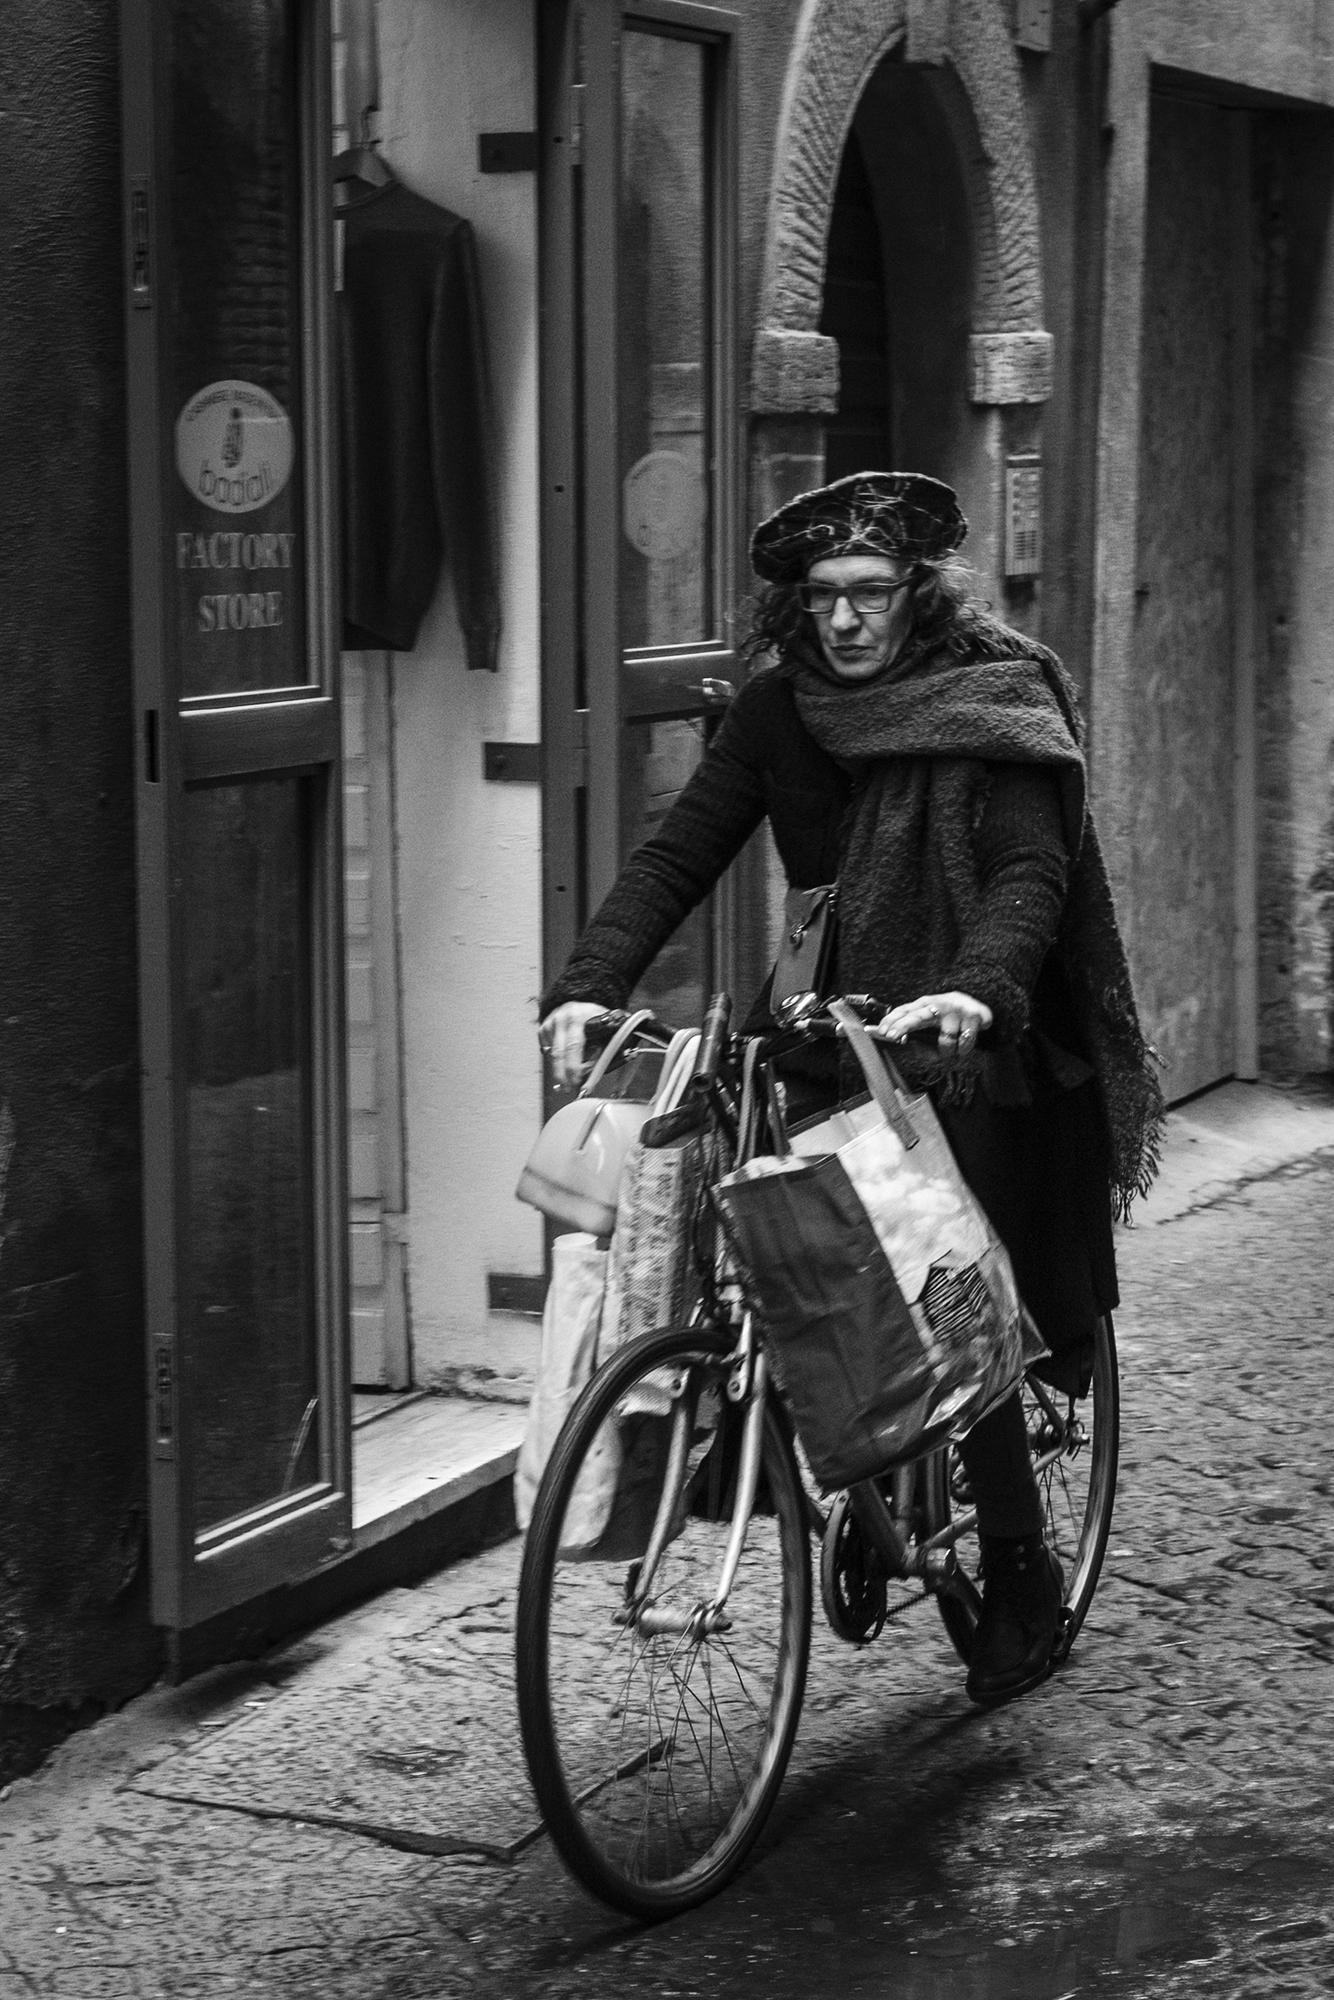 A riding Woman